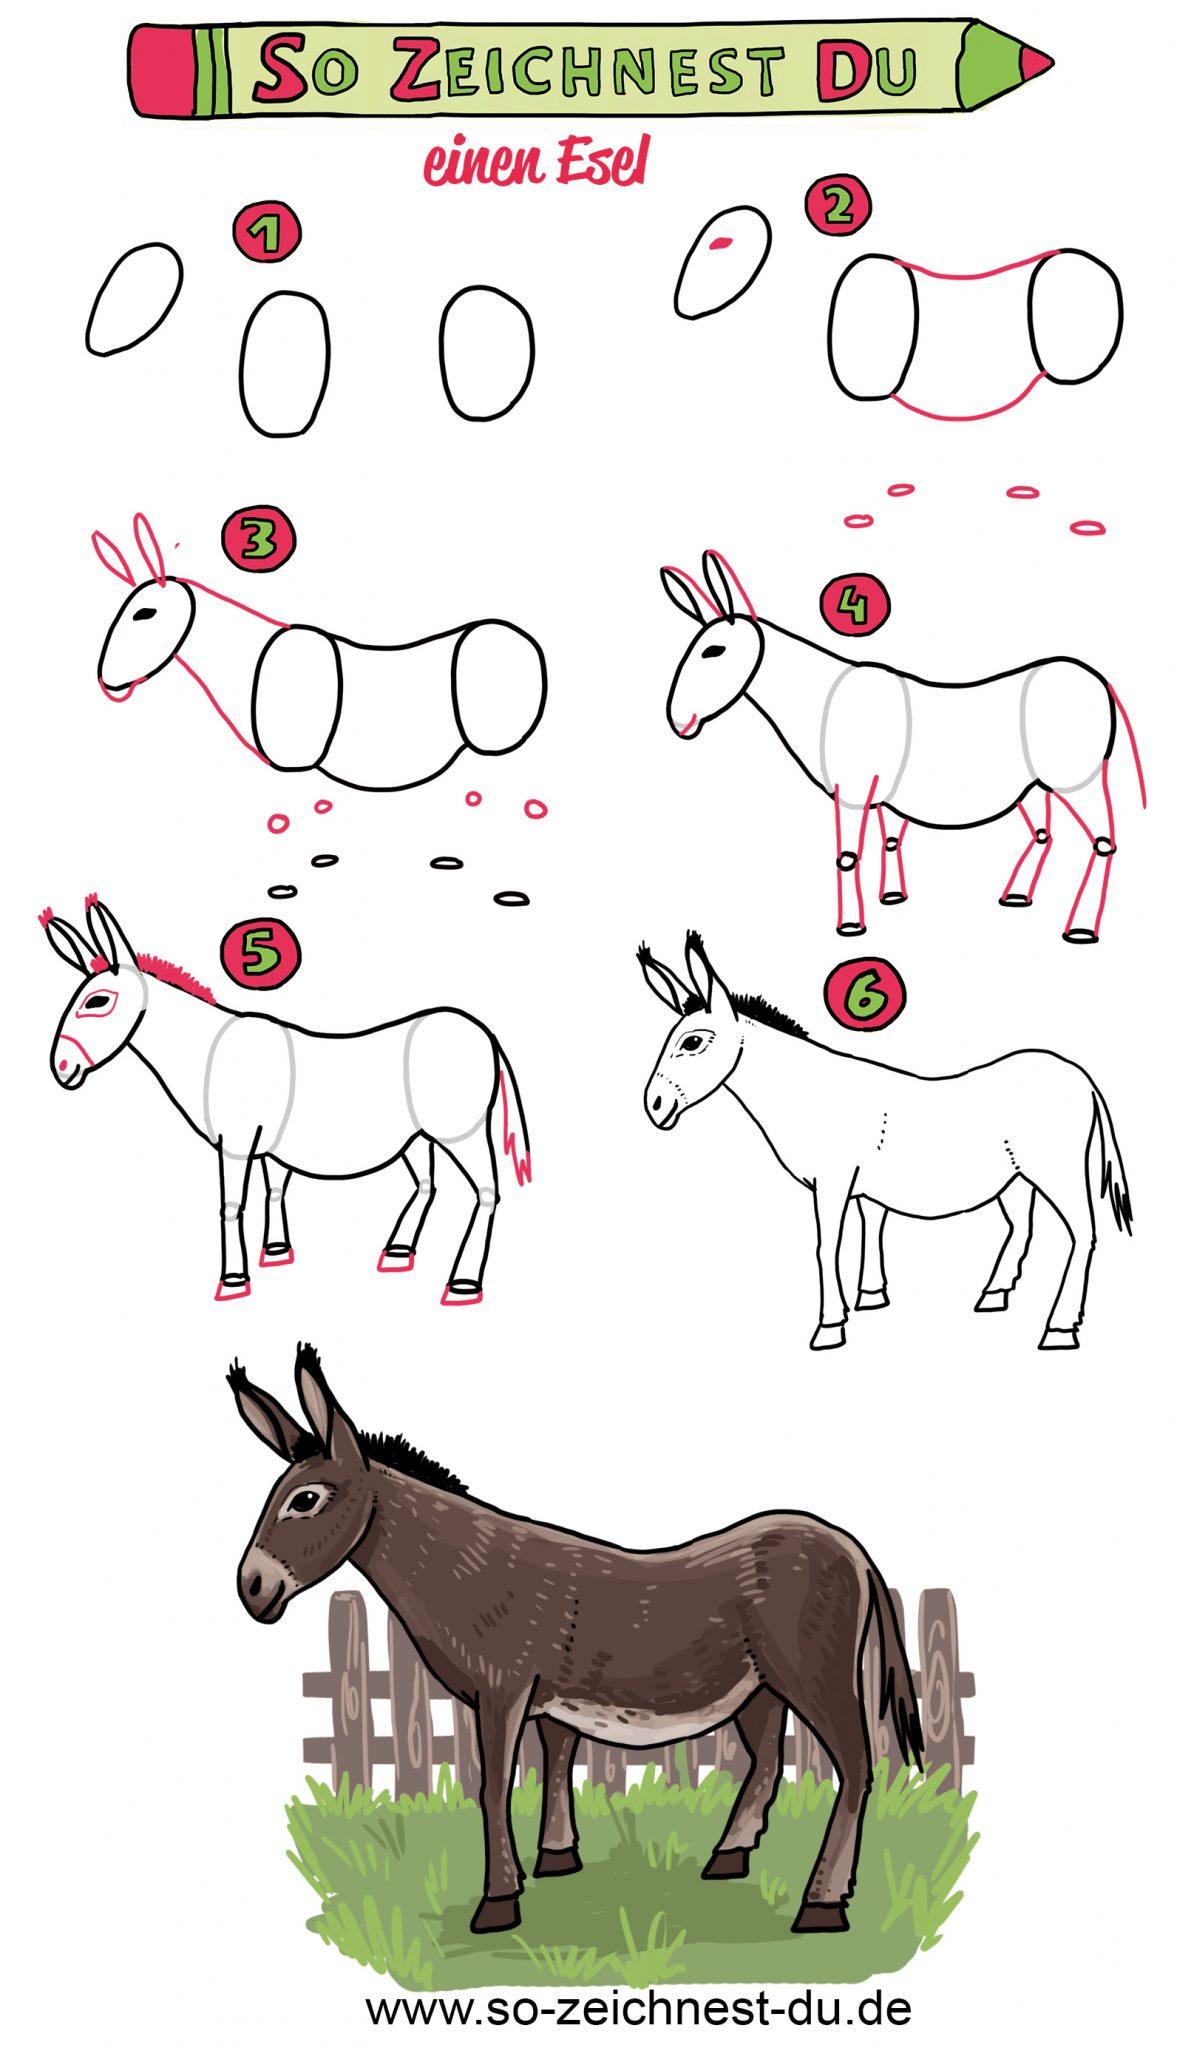 So Zeichnest Du Einen Esel - Einfach Zeichnen Lernen über Tiere Einfach Zeichnen